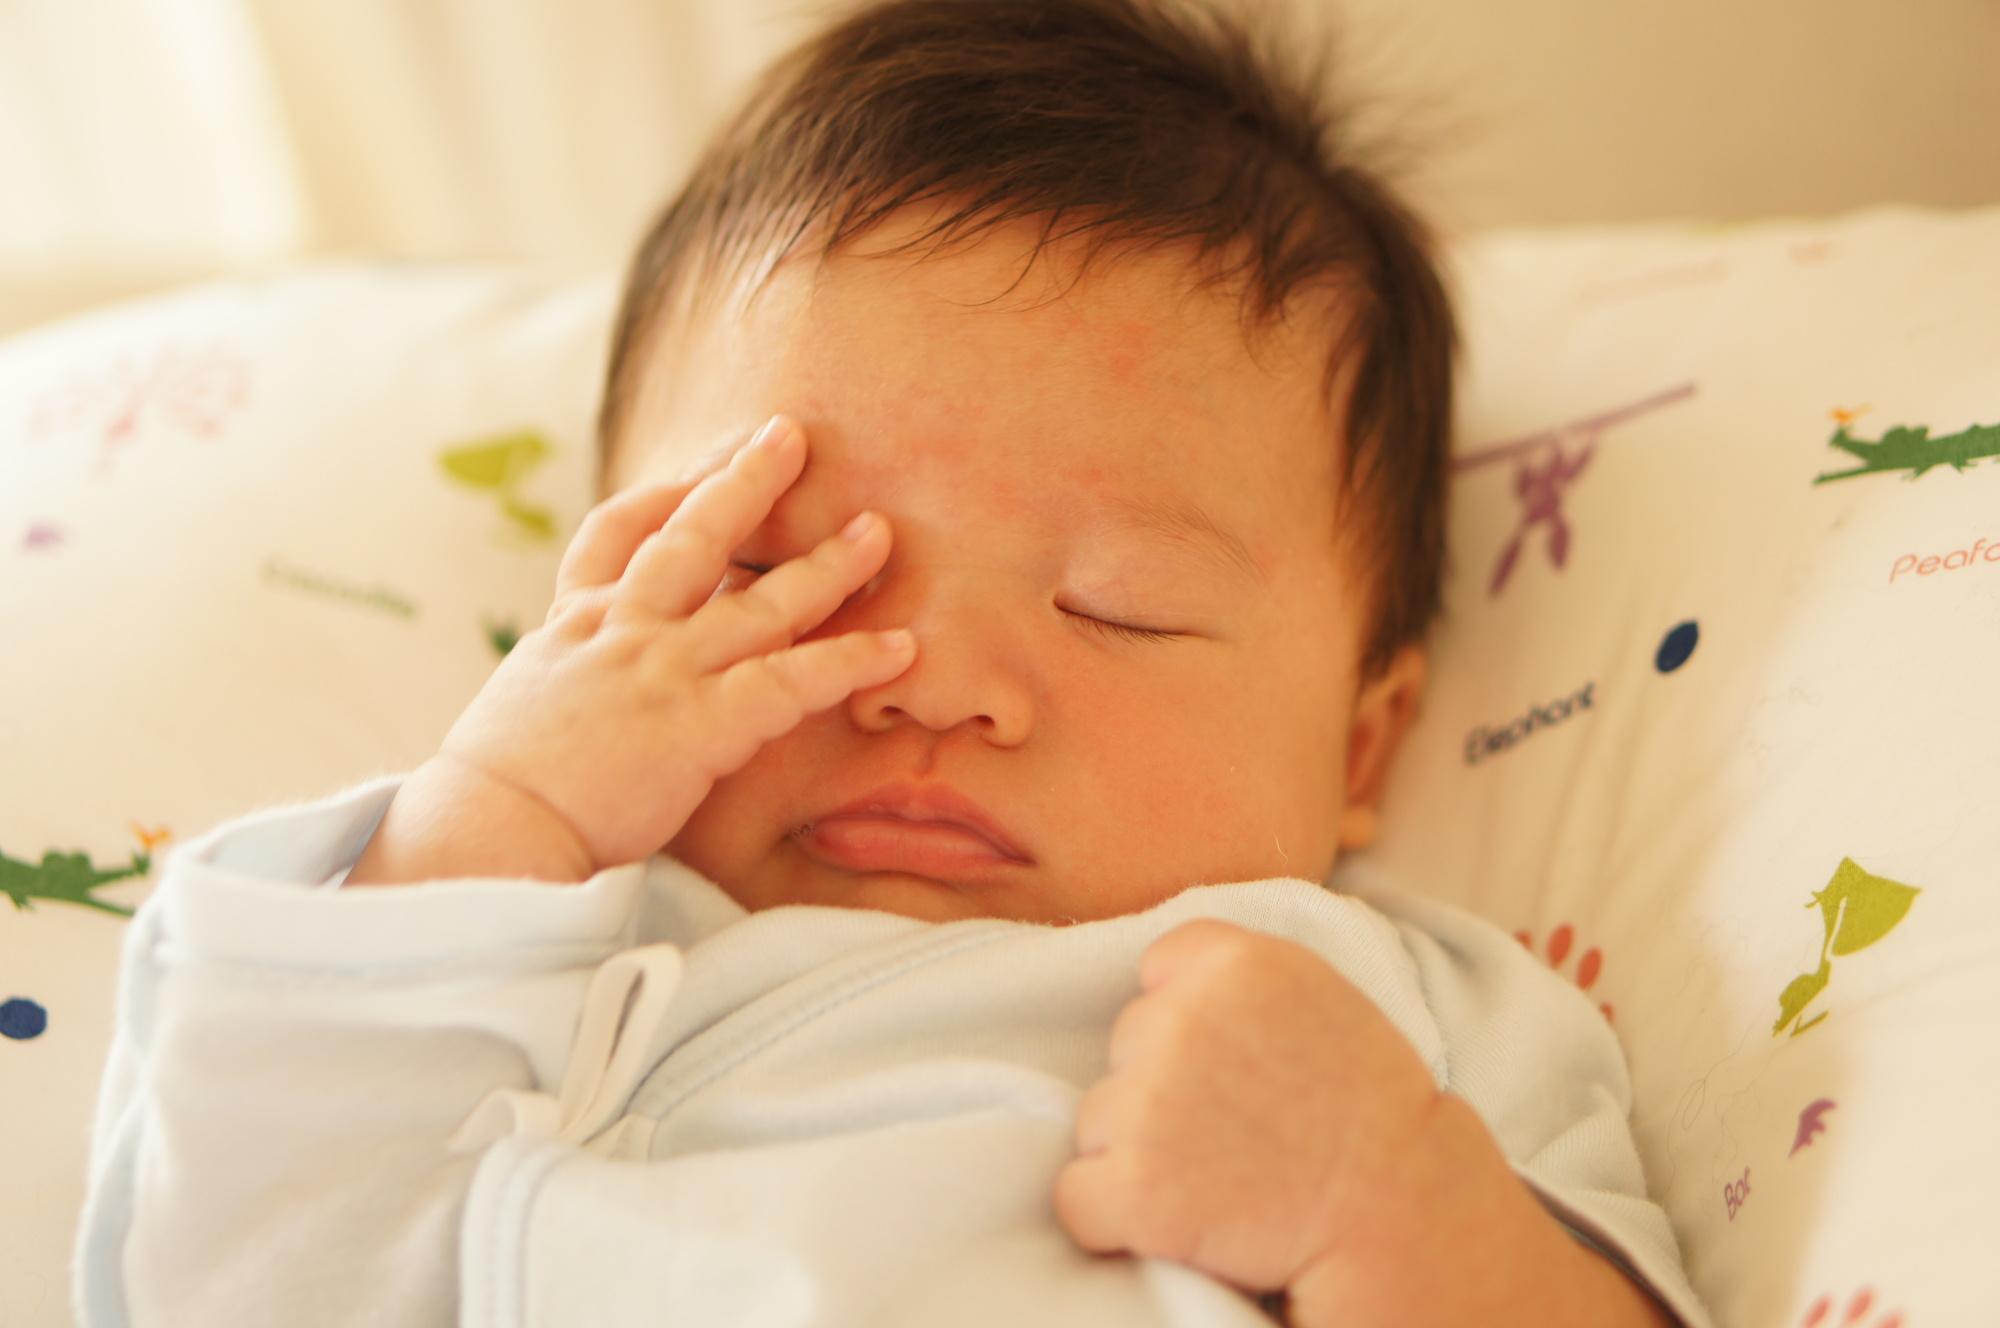 赤ちゃんの目の周りが赤い。治し方は?病院は何科?こする・すぐ消えるときは【医師監修】